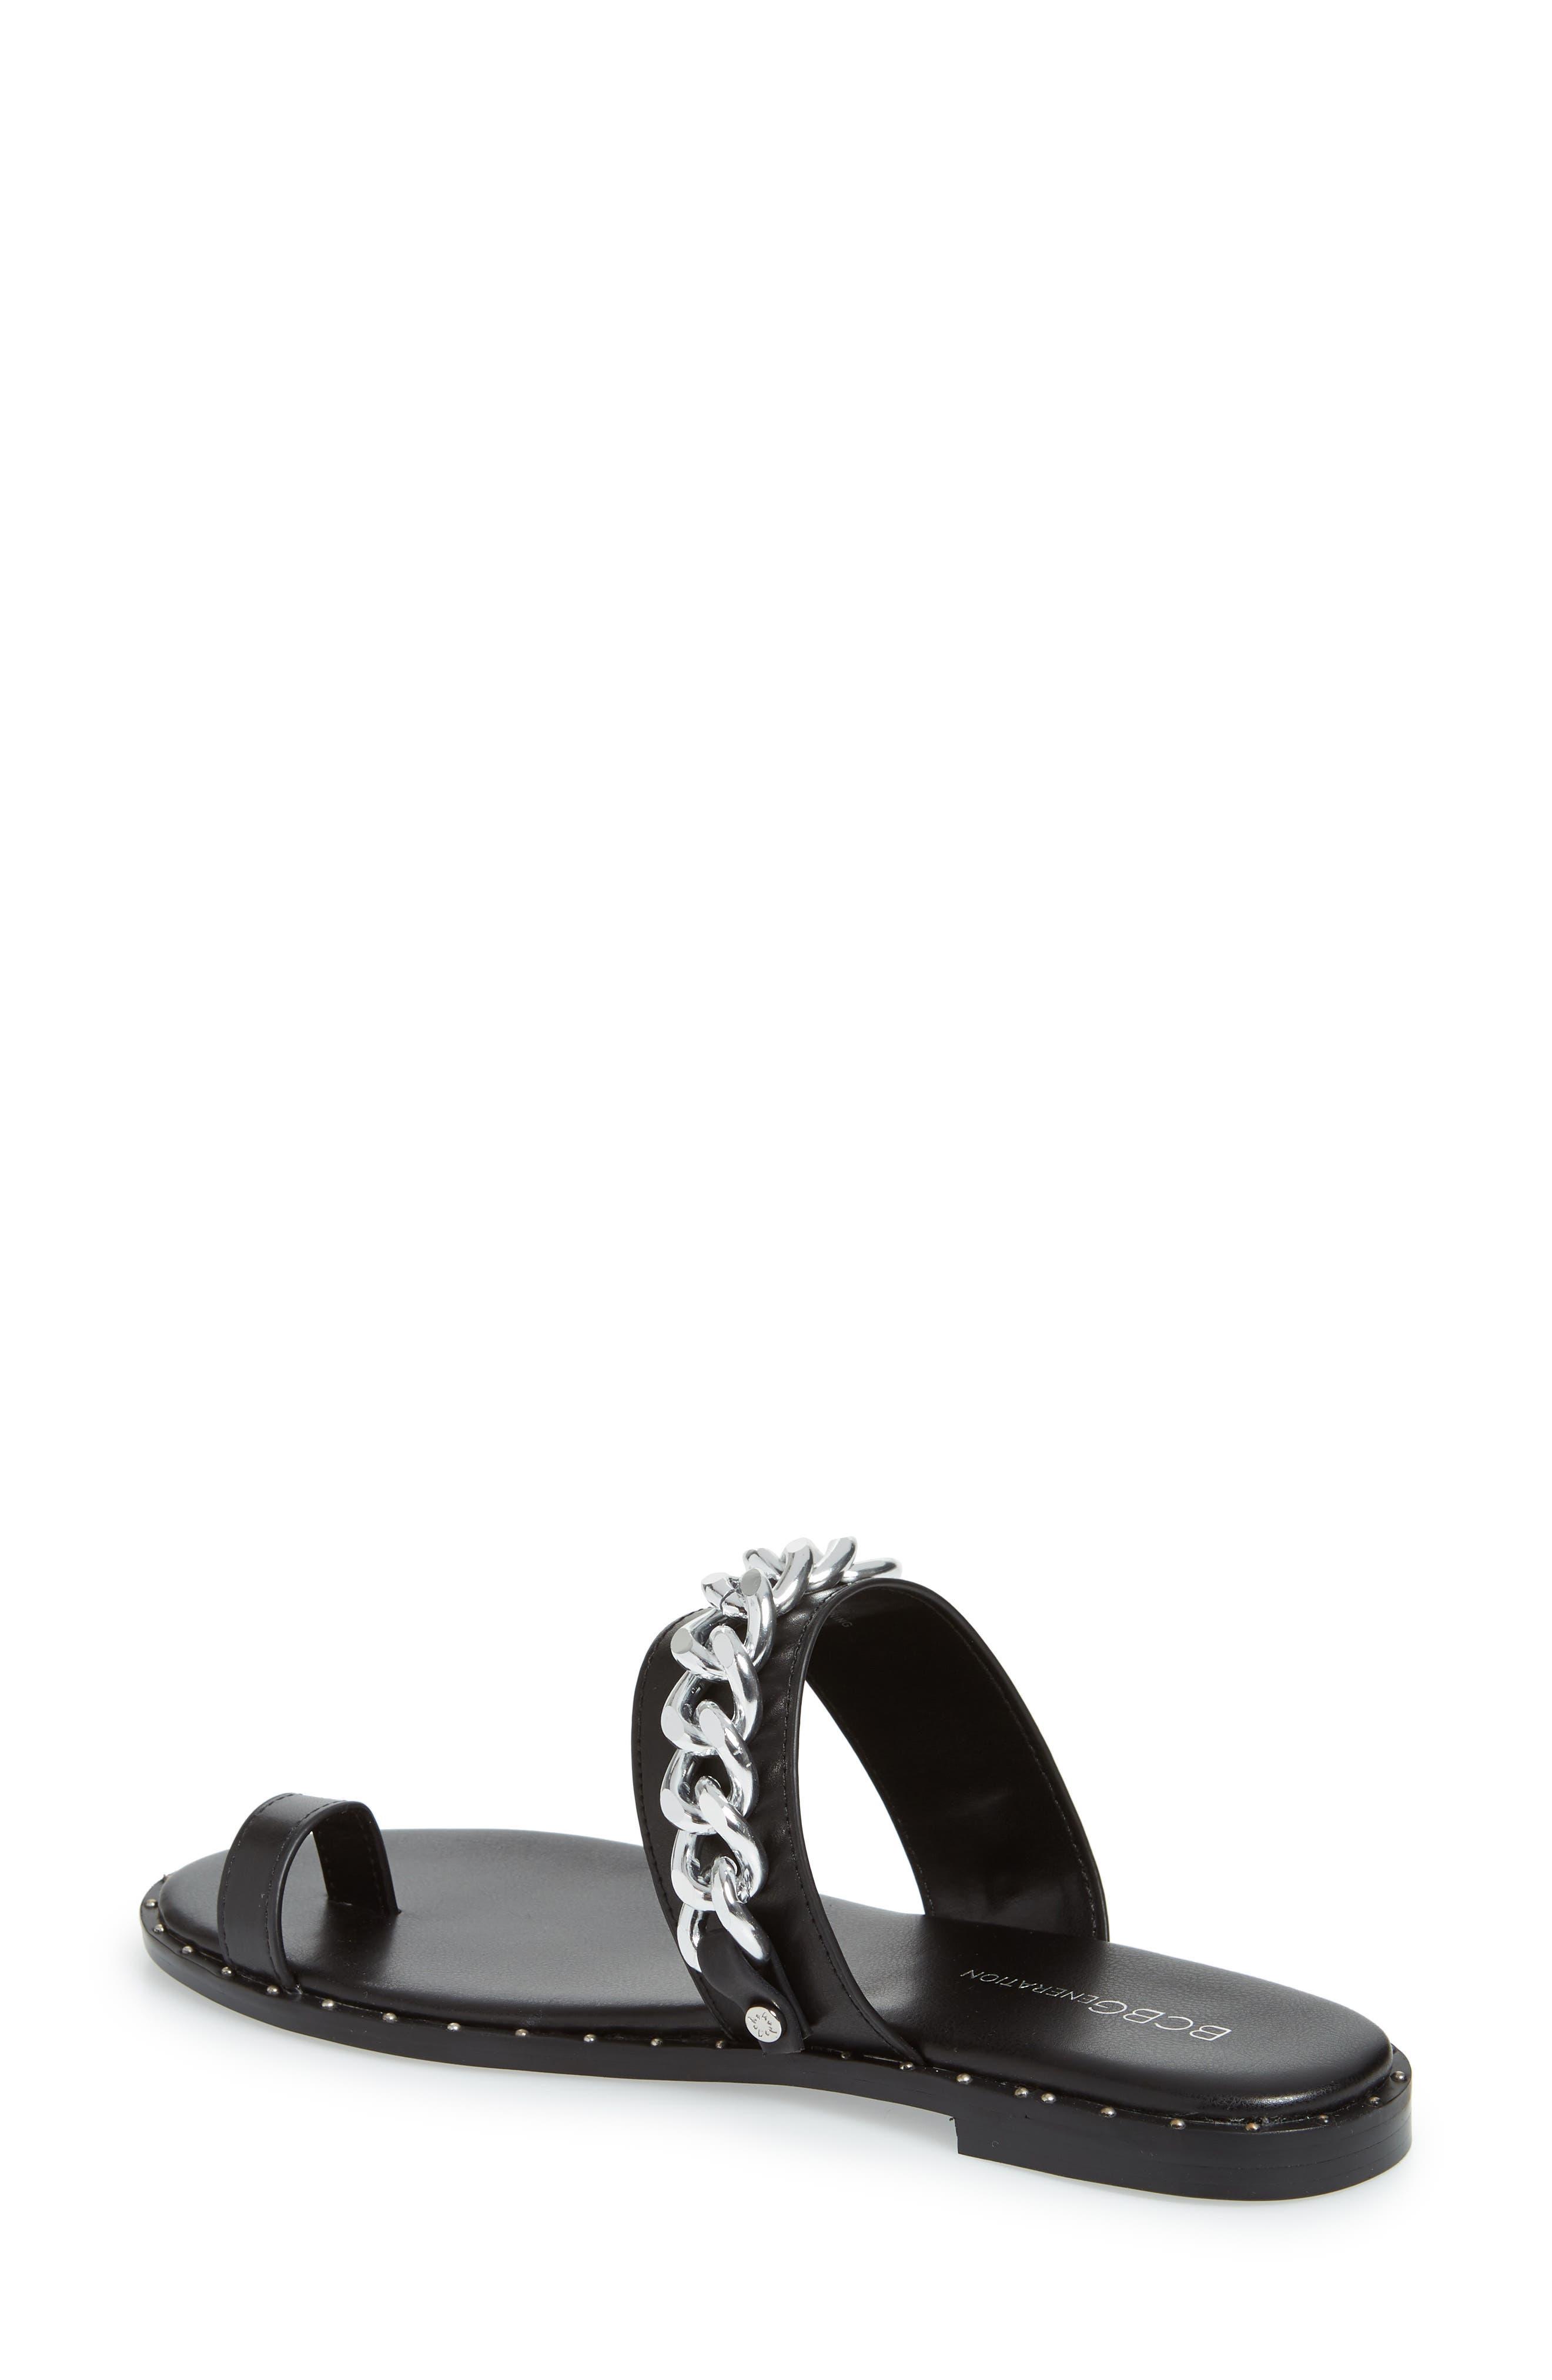 Zola Chain Slide Sandal,                             Alternate thumbnail 2, color,                             BLACK